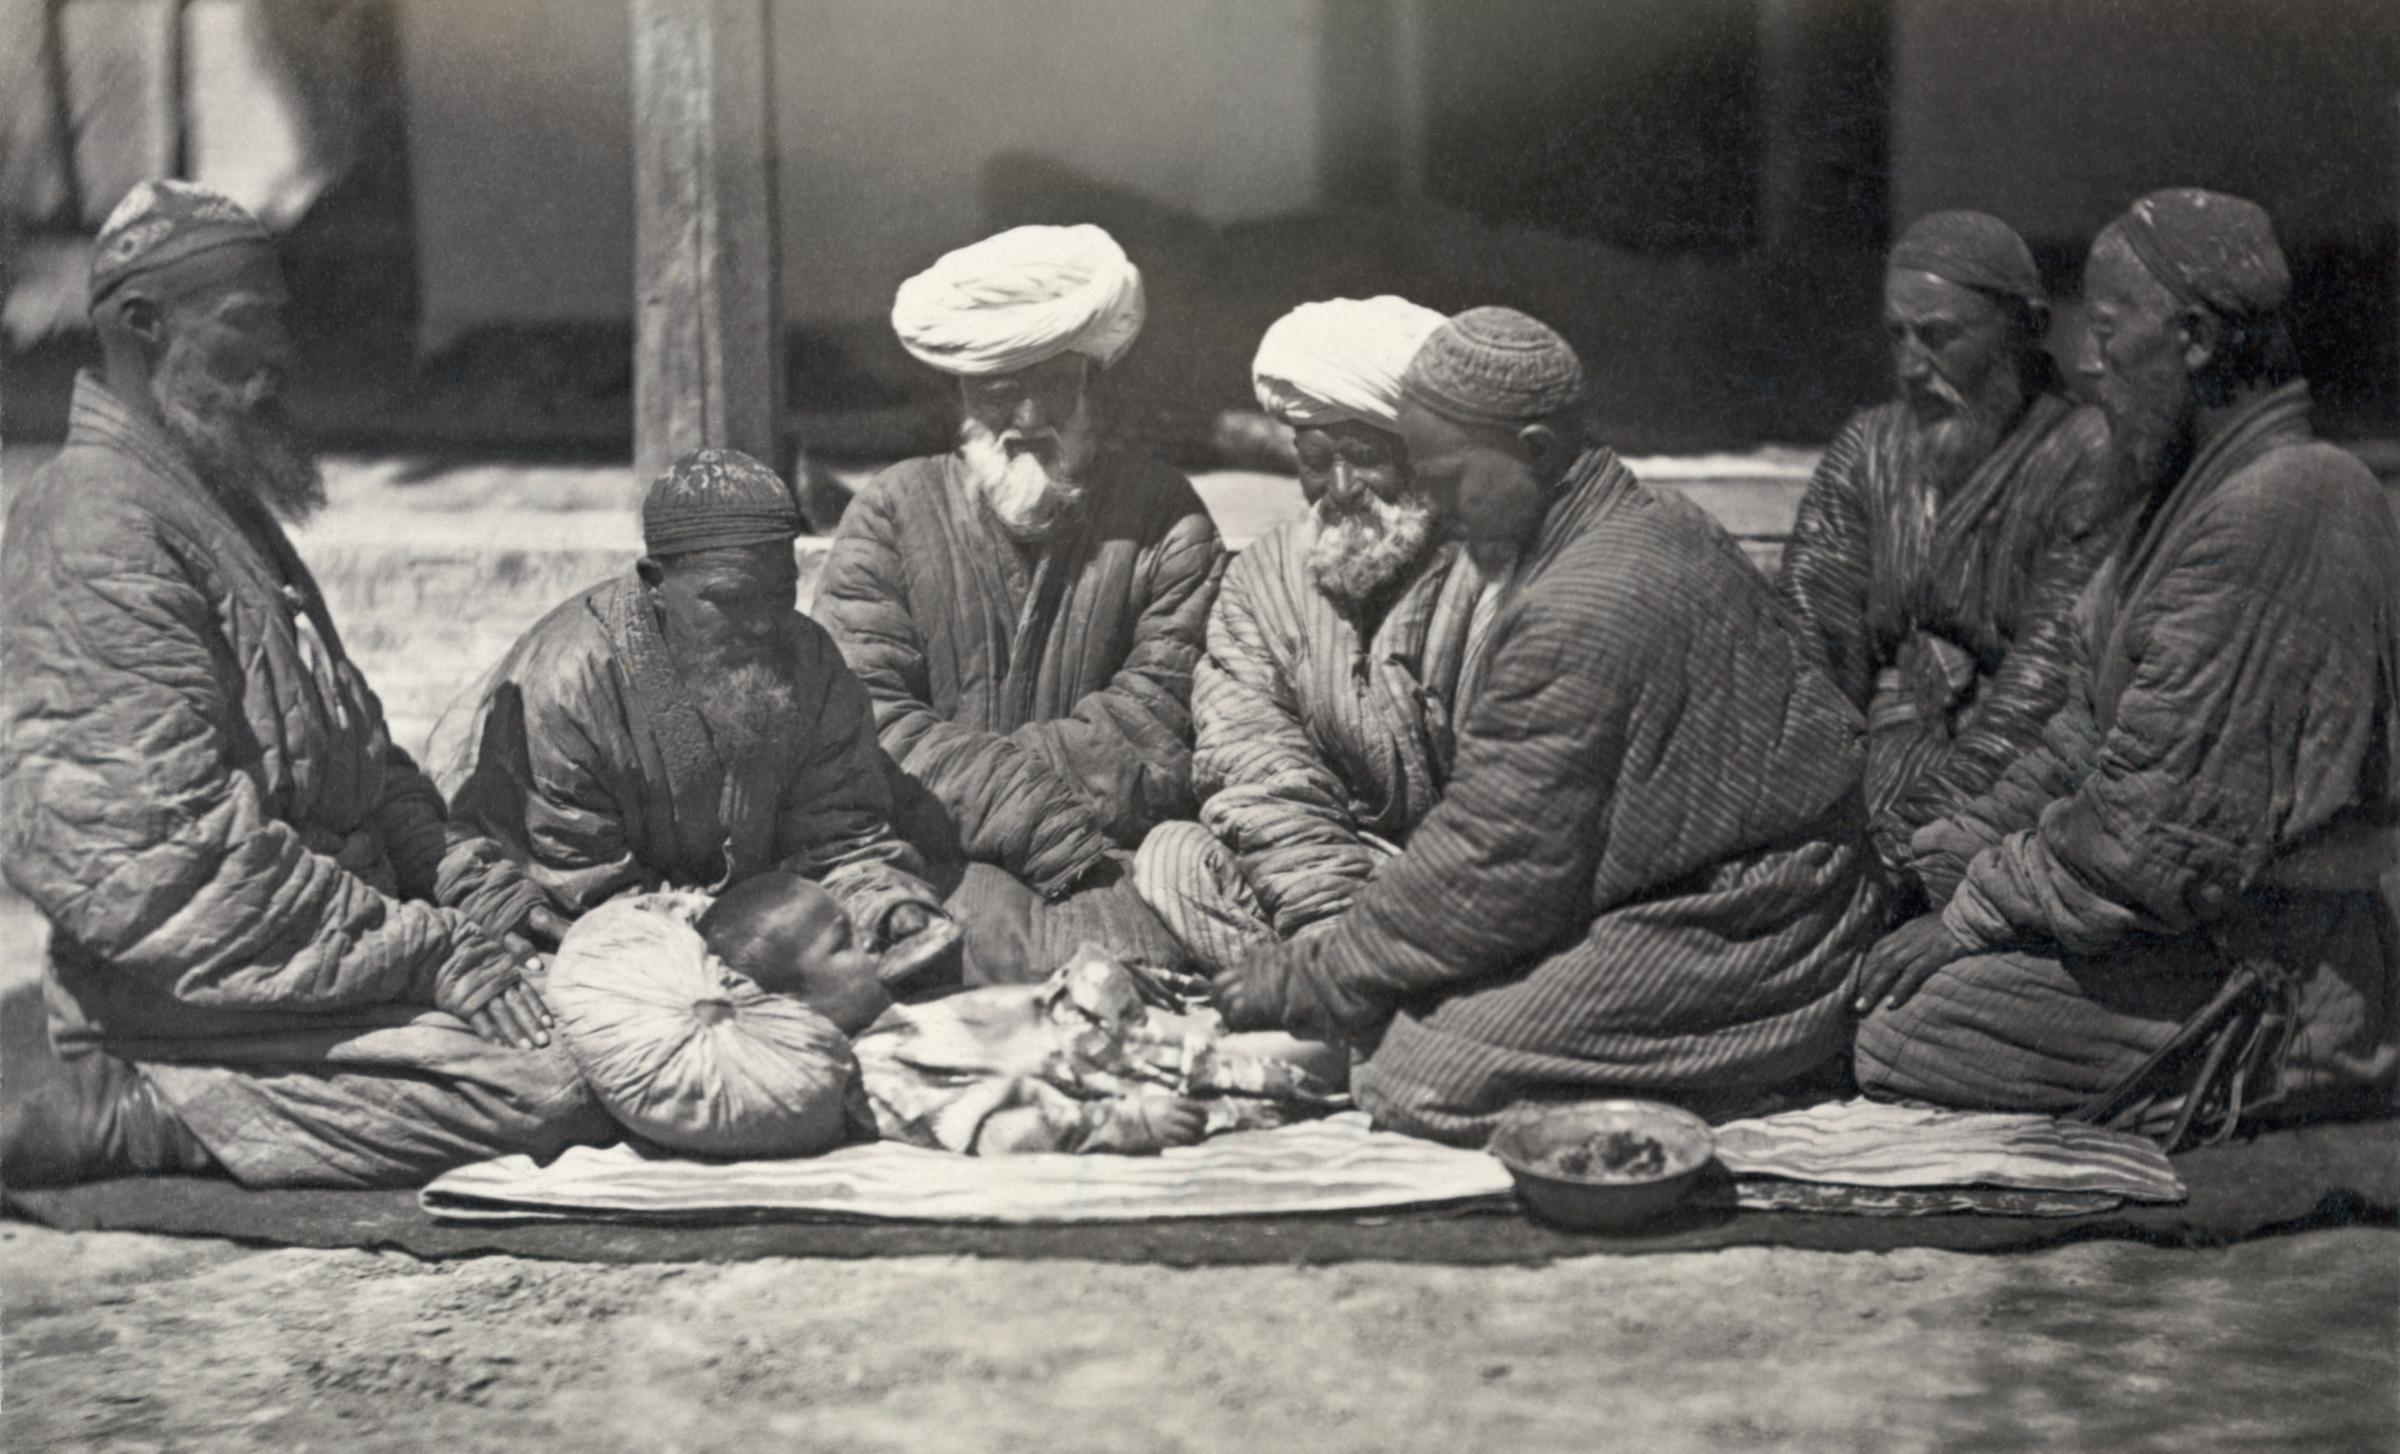 Circumcision in Central Asia